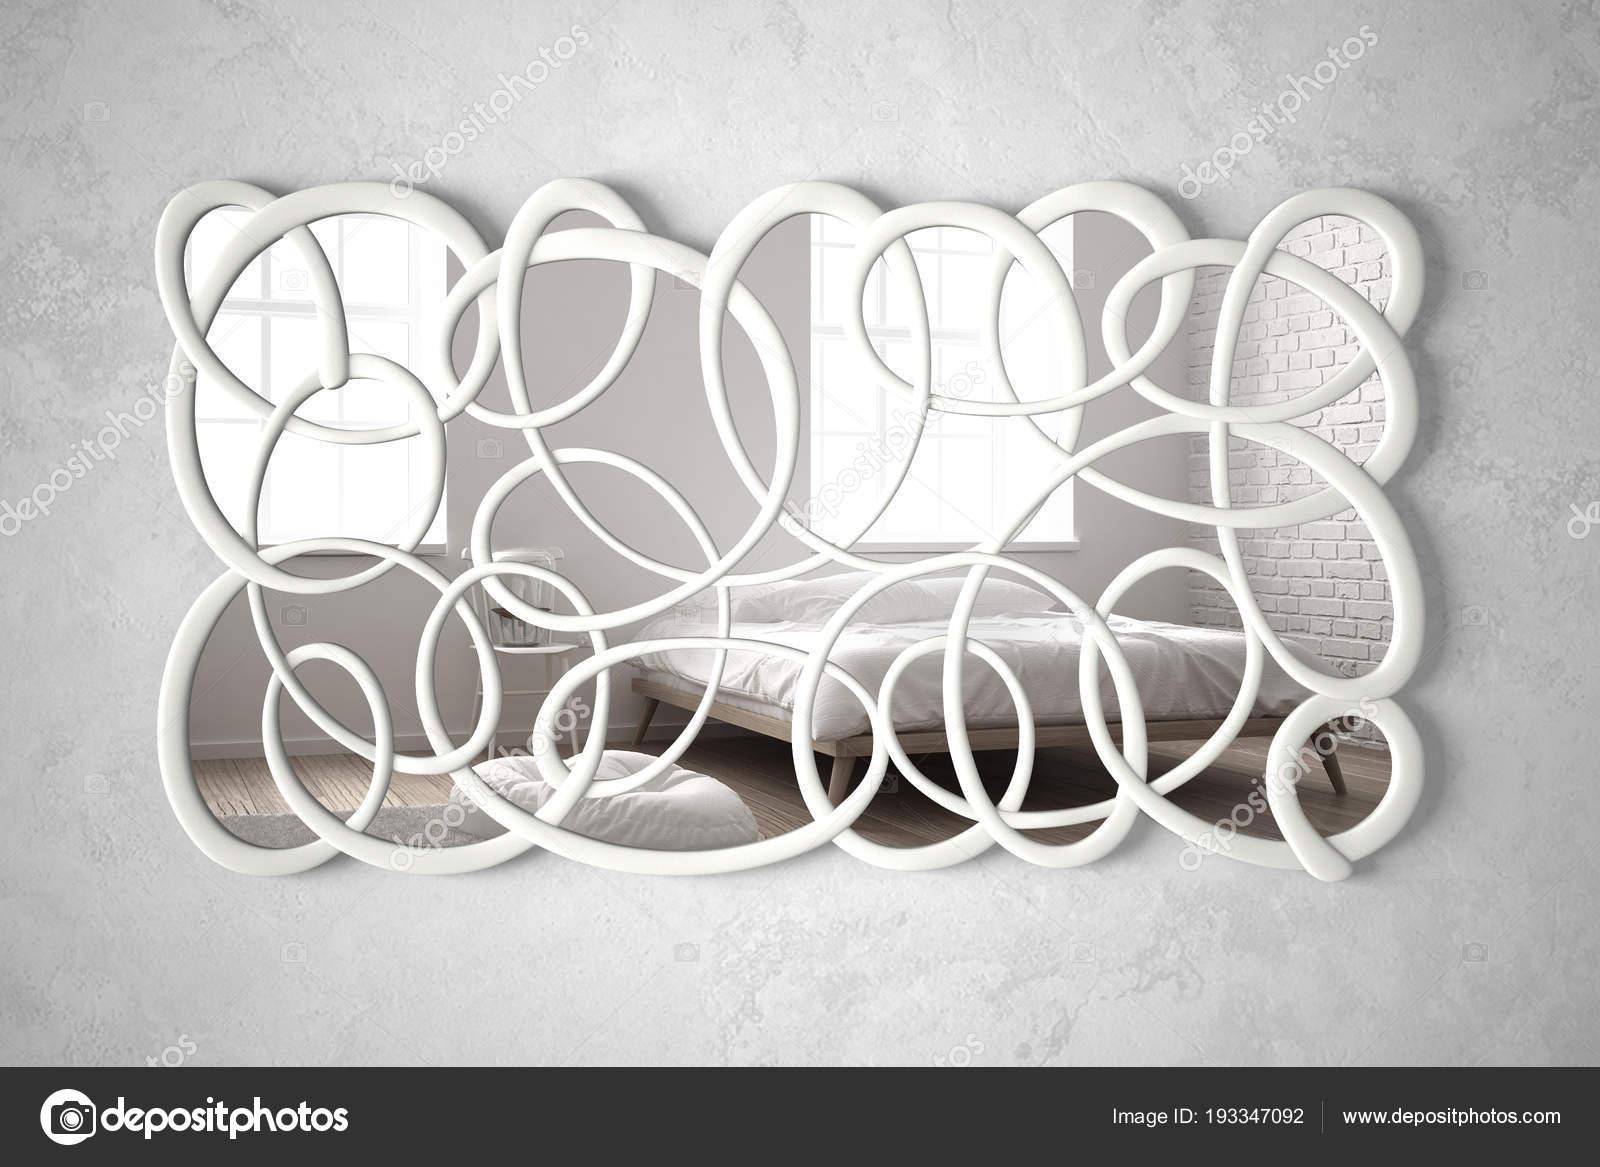 Tavolo da disegno luminoso la matita autodidatta come costruirsi una tavola da disegno tavolo - Tavolo luminoso per disegno ...